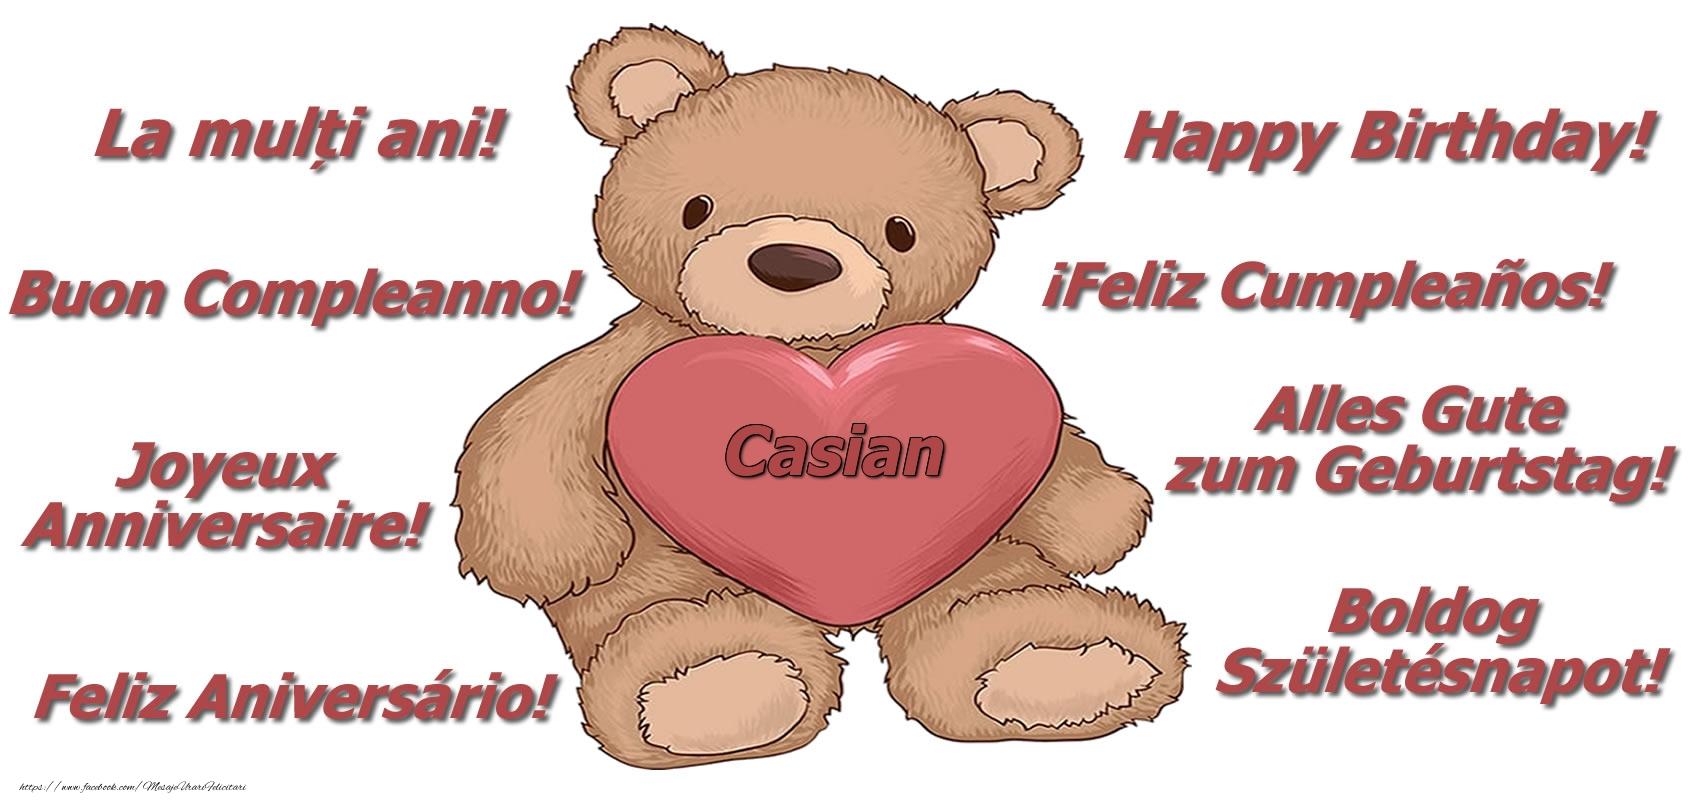 Felicitari de zi de nastere - La multi ani Casian! - Ursulet